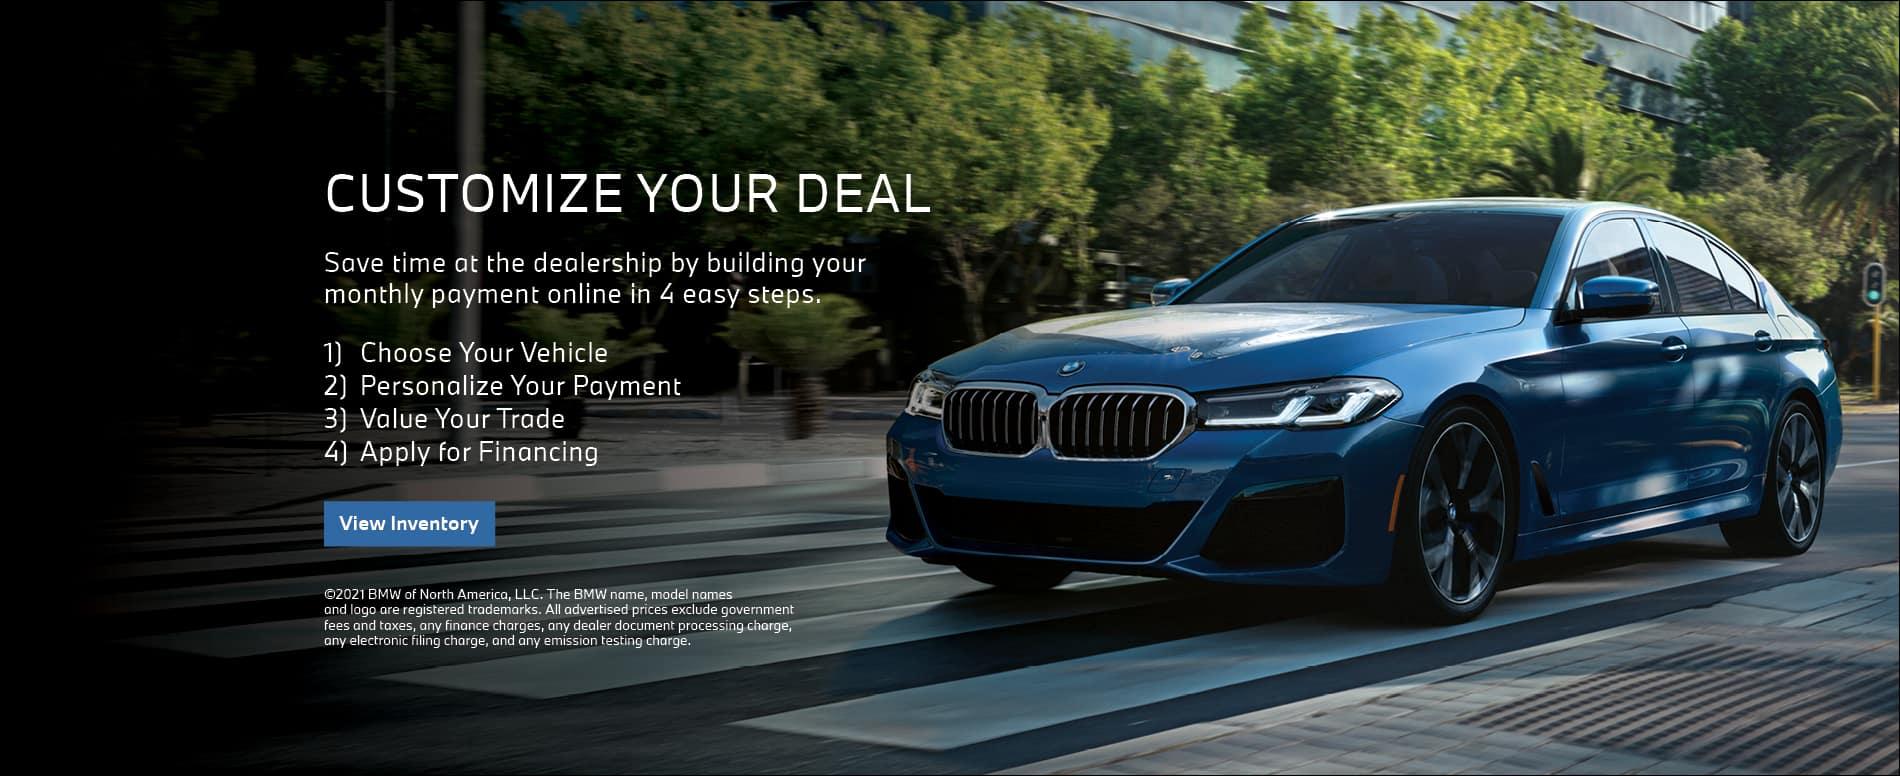 BMW-YourDealWebBanner-3-10